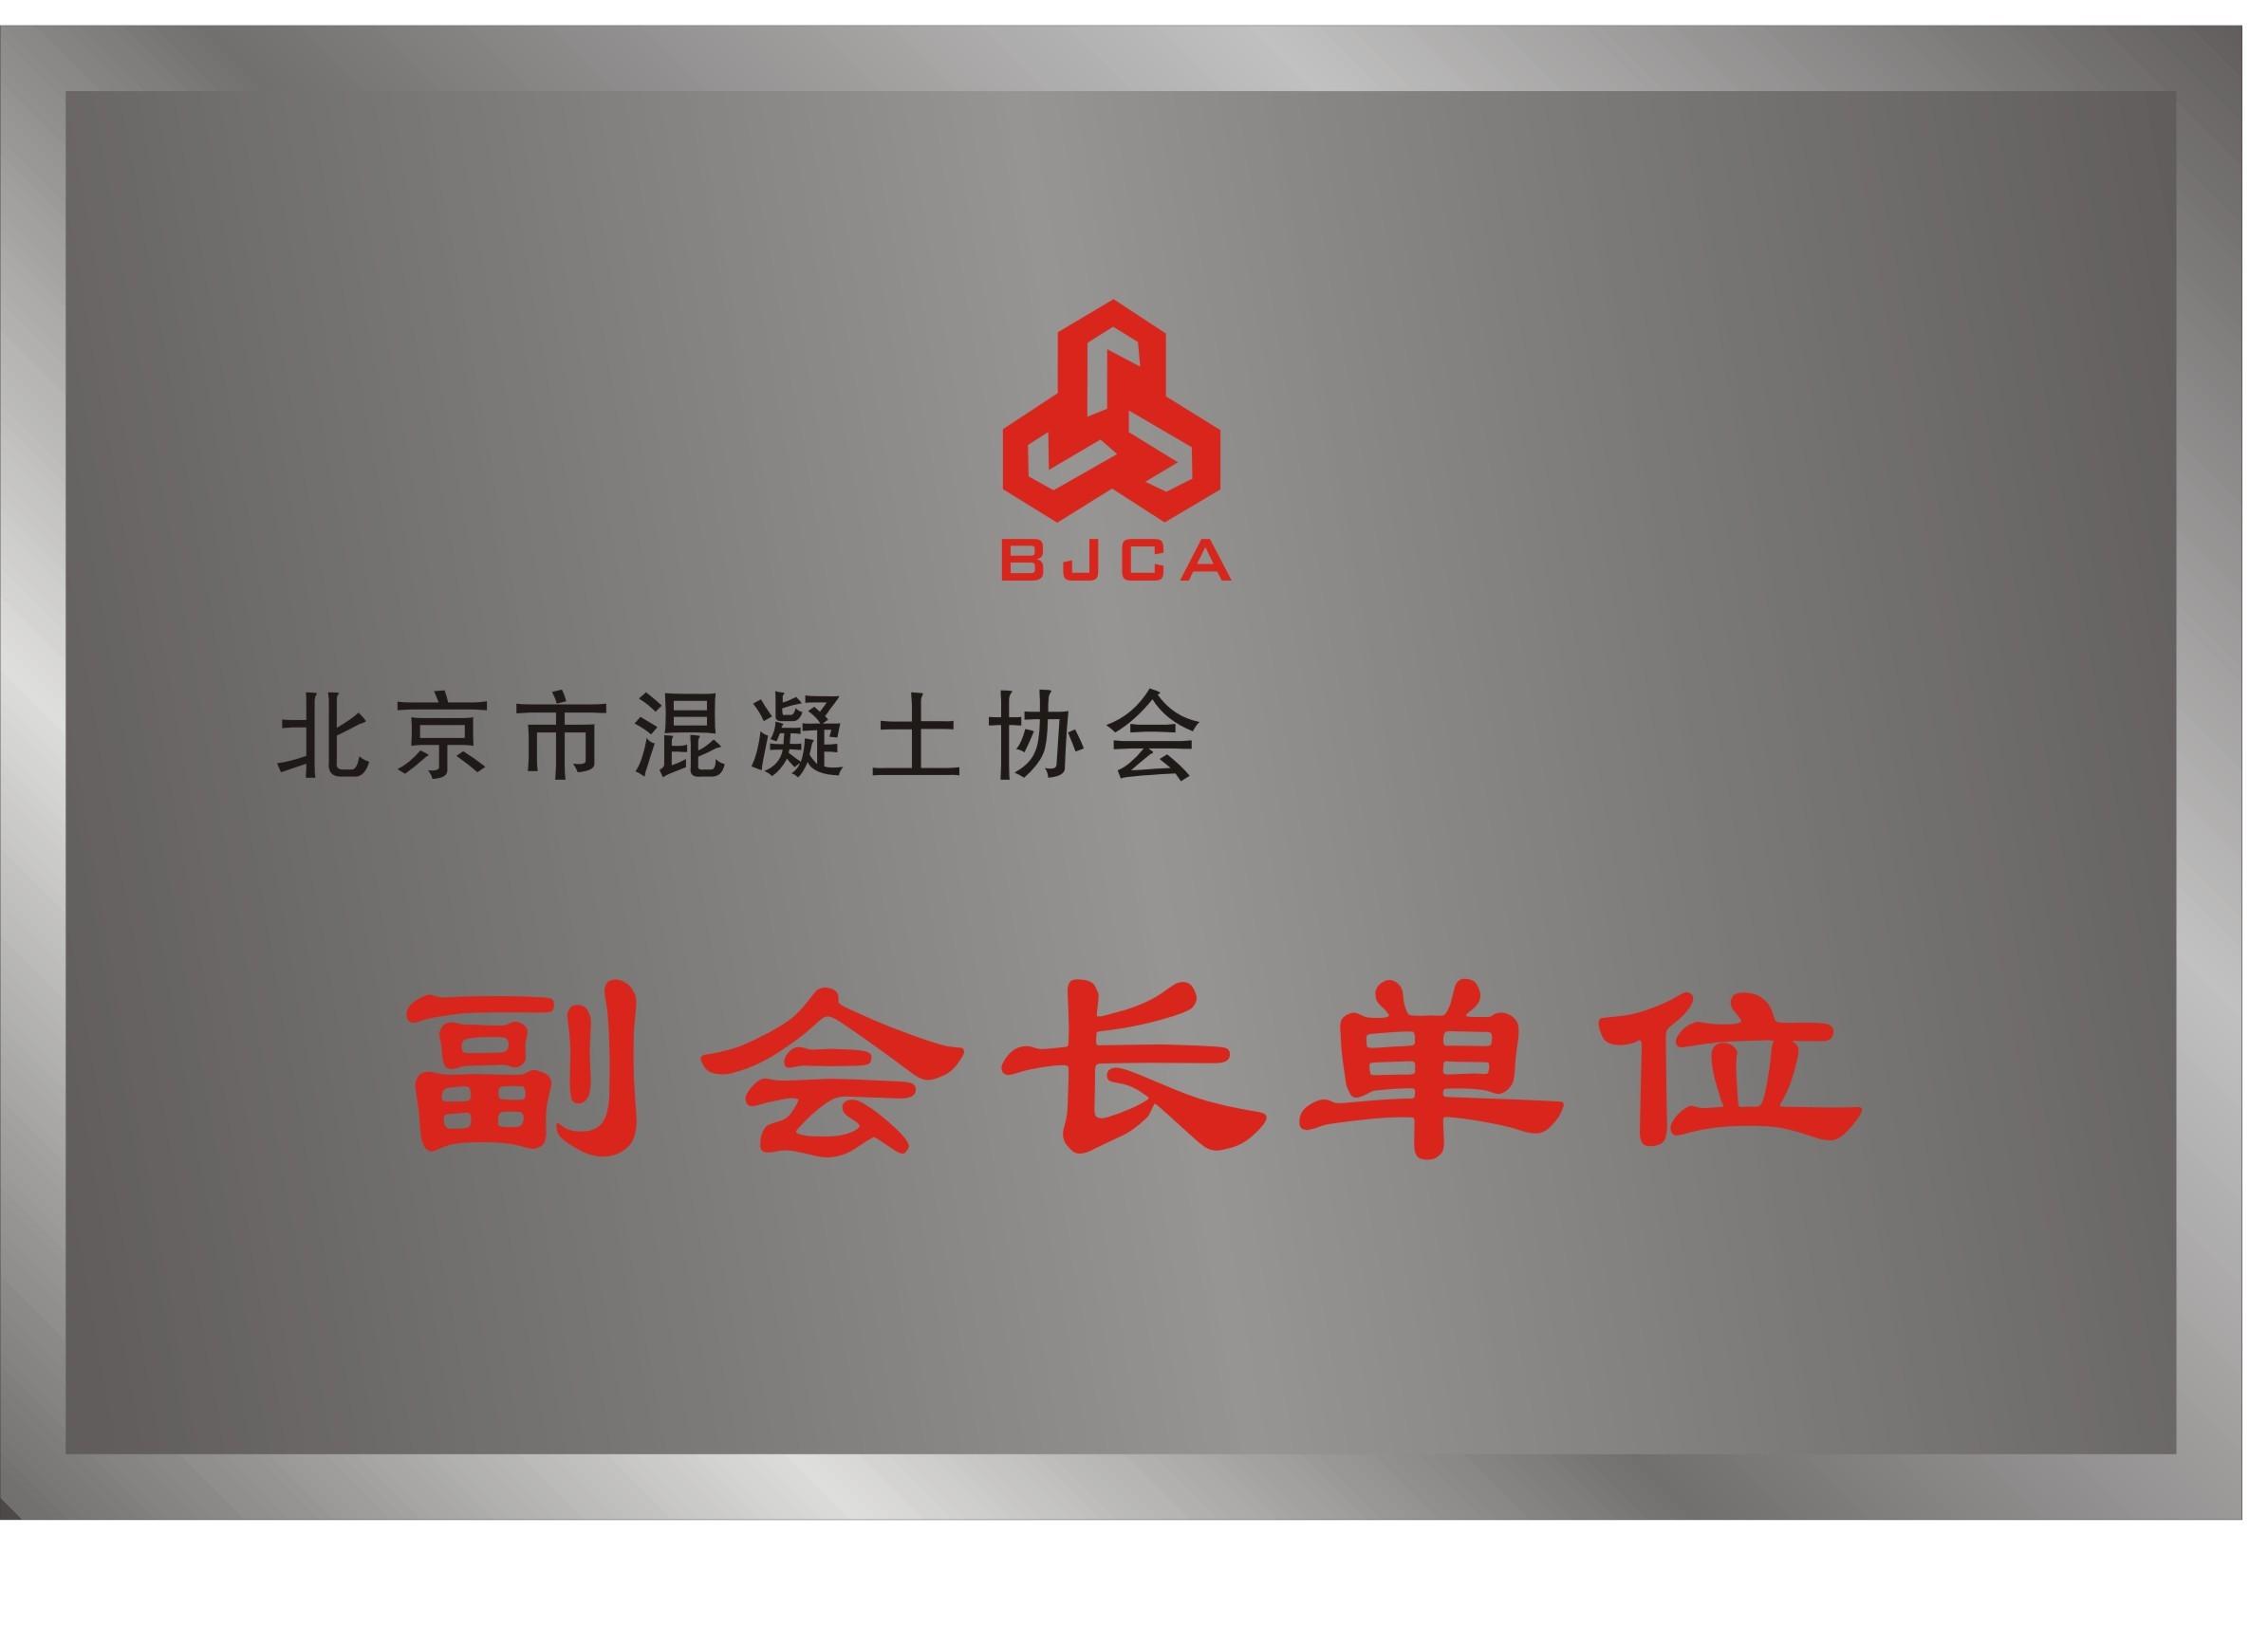 4.北京市混凝土協會副會長單位